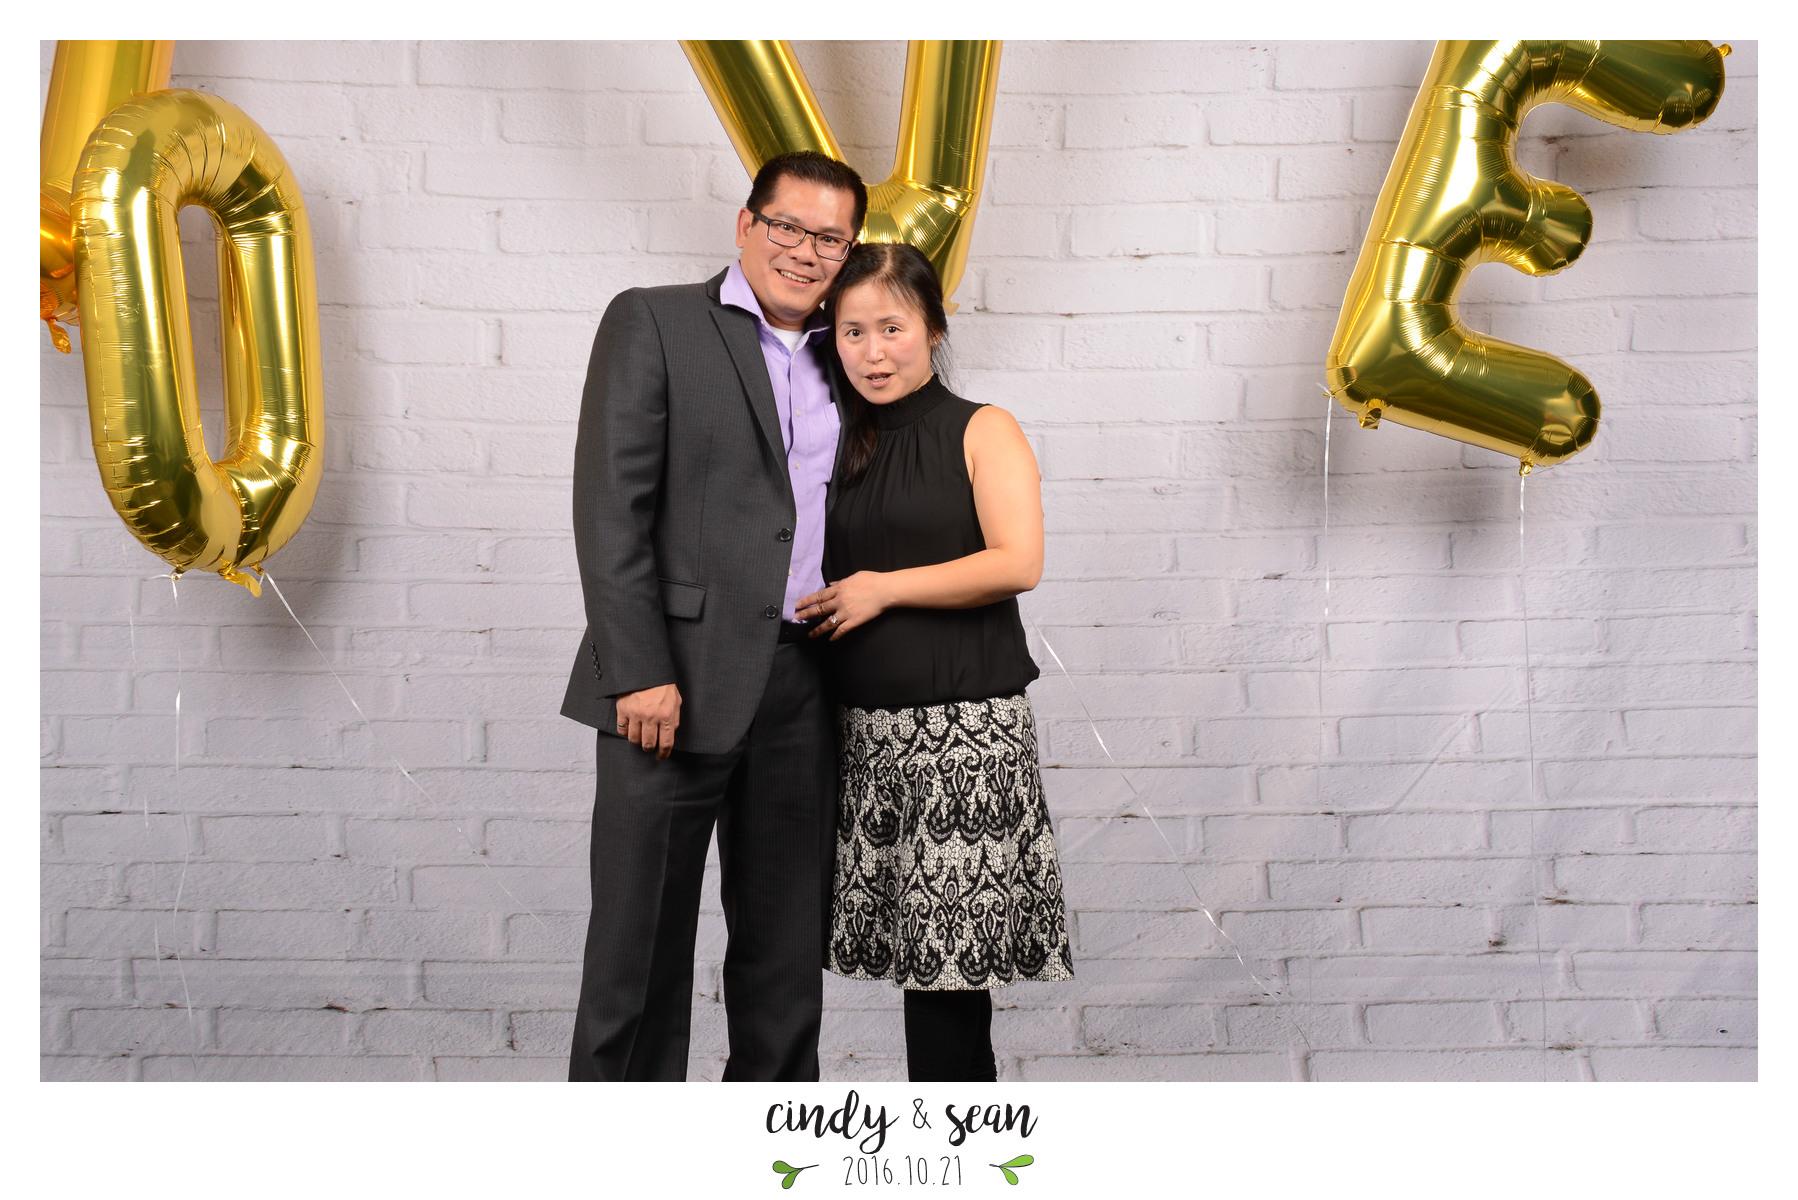 Cindy Sean Bae - 0001-126.jpg